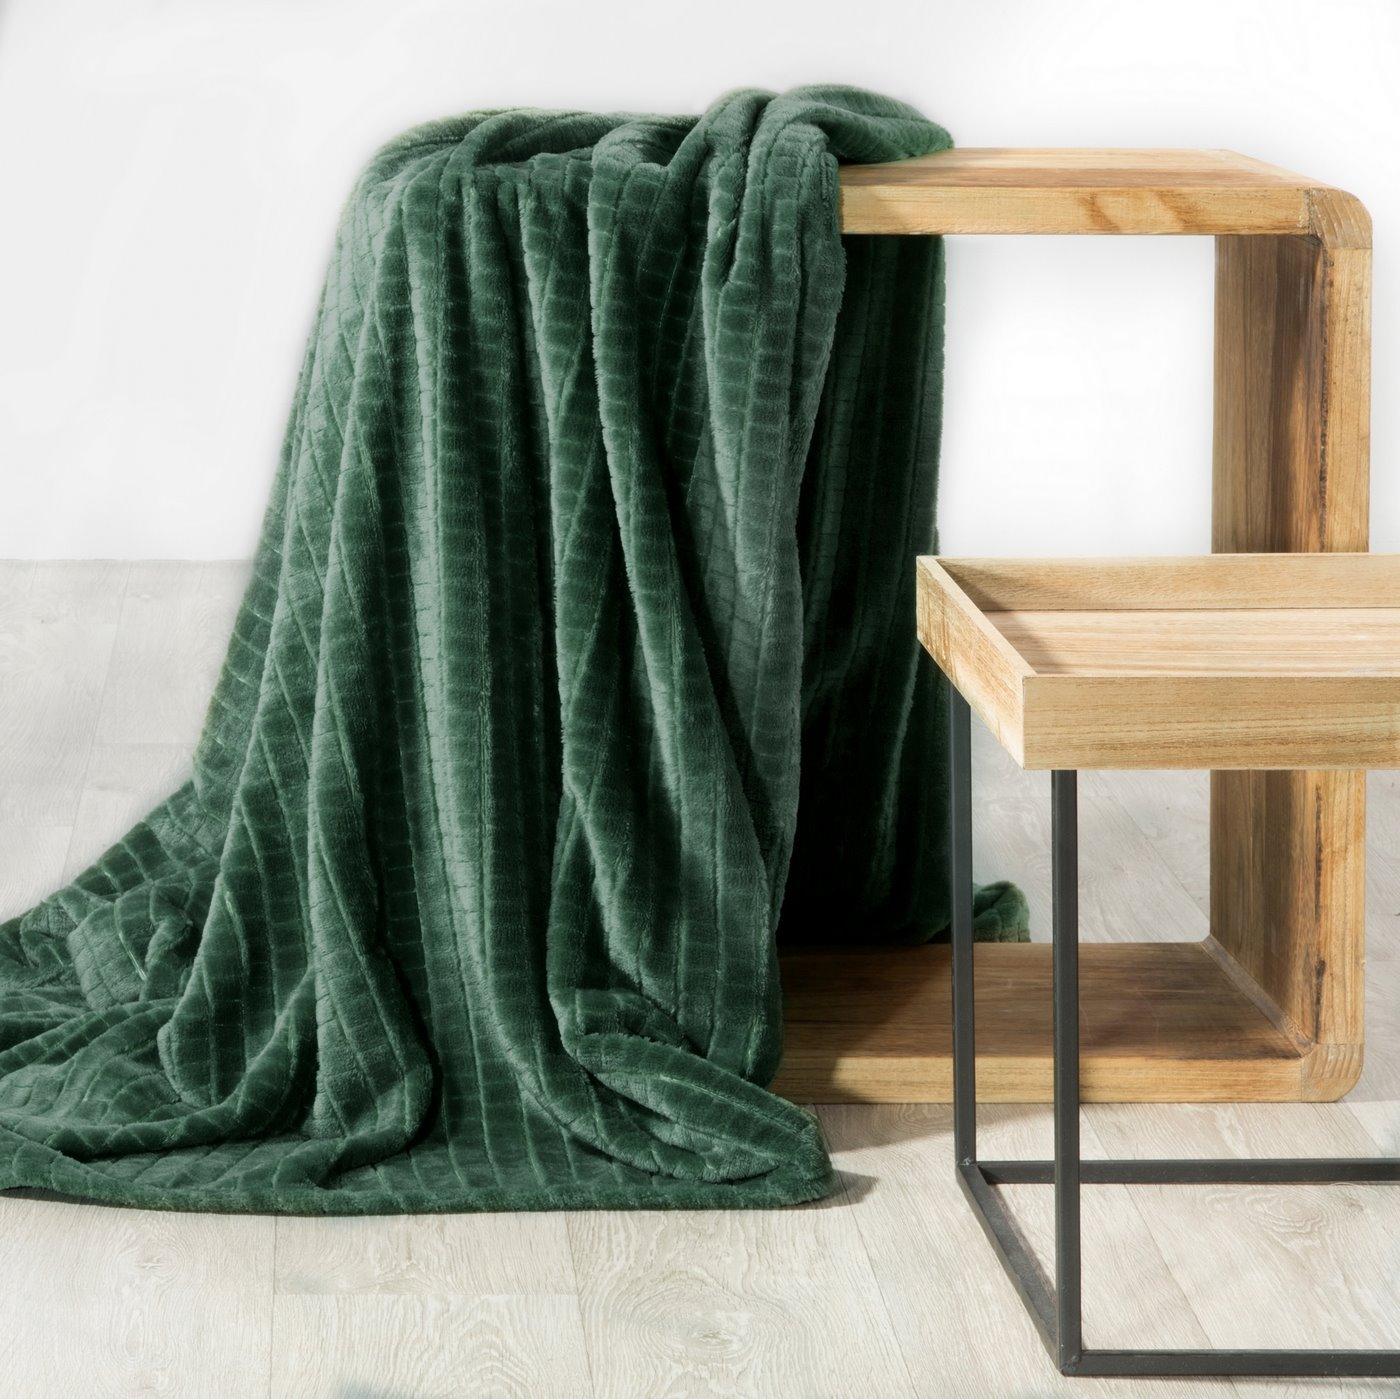 Cindy miękki koc z mikroflano zielony 70x160 cm Design 91